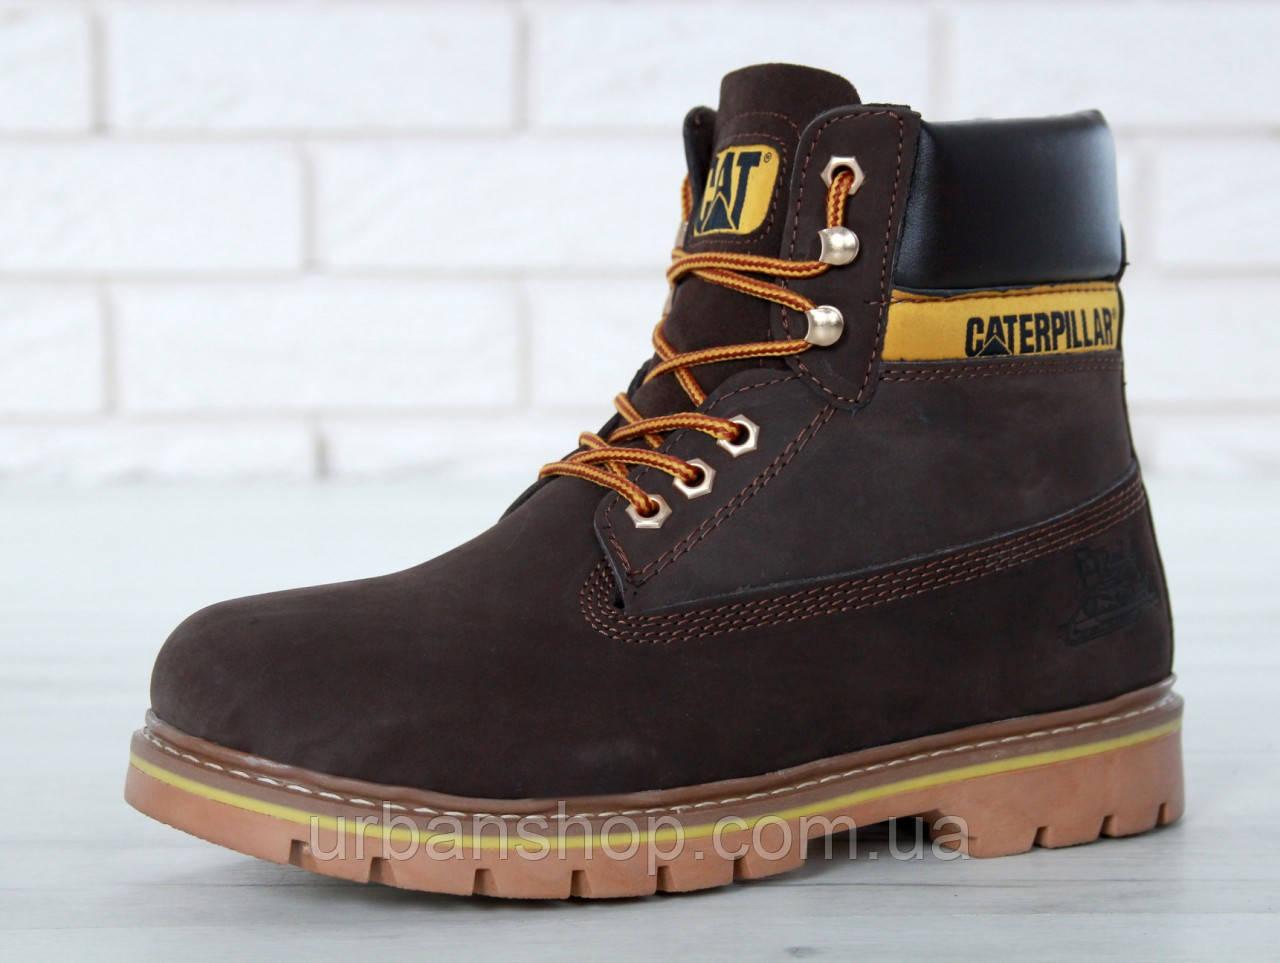 9caf41566ca465 ... Чоловічі Зимові черевики Caterpillar Colorado Fur, чоловічі черевики.  ТОП Репліка ААА класу., ...